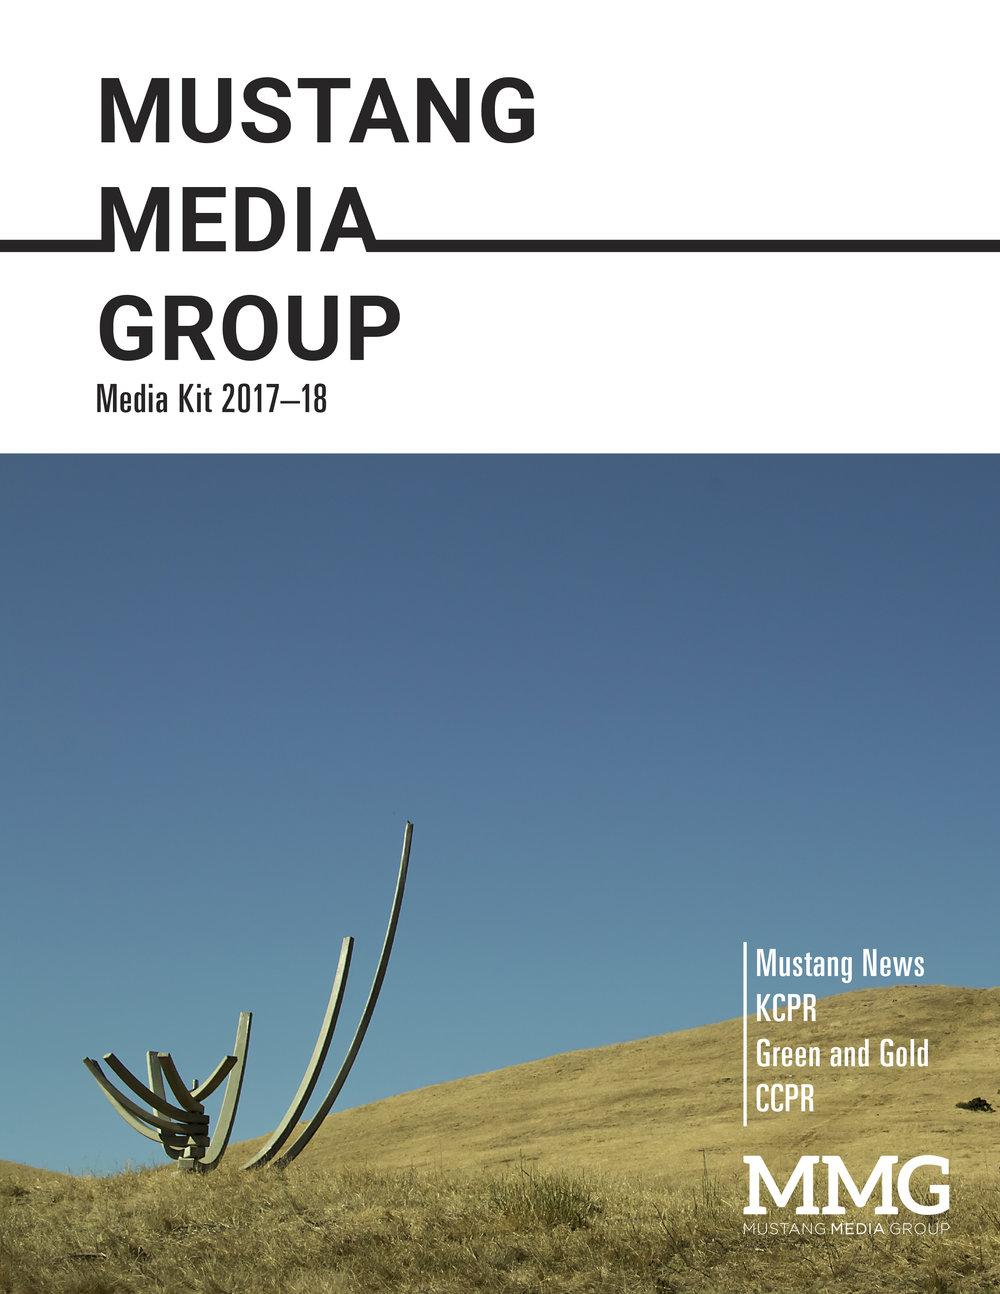 Media kit 2017-18 cover.jpg